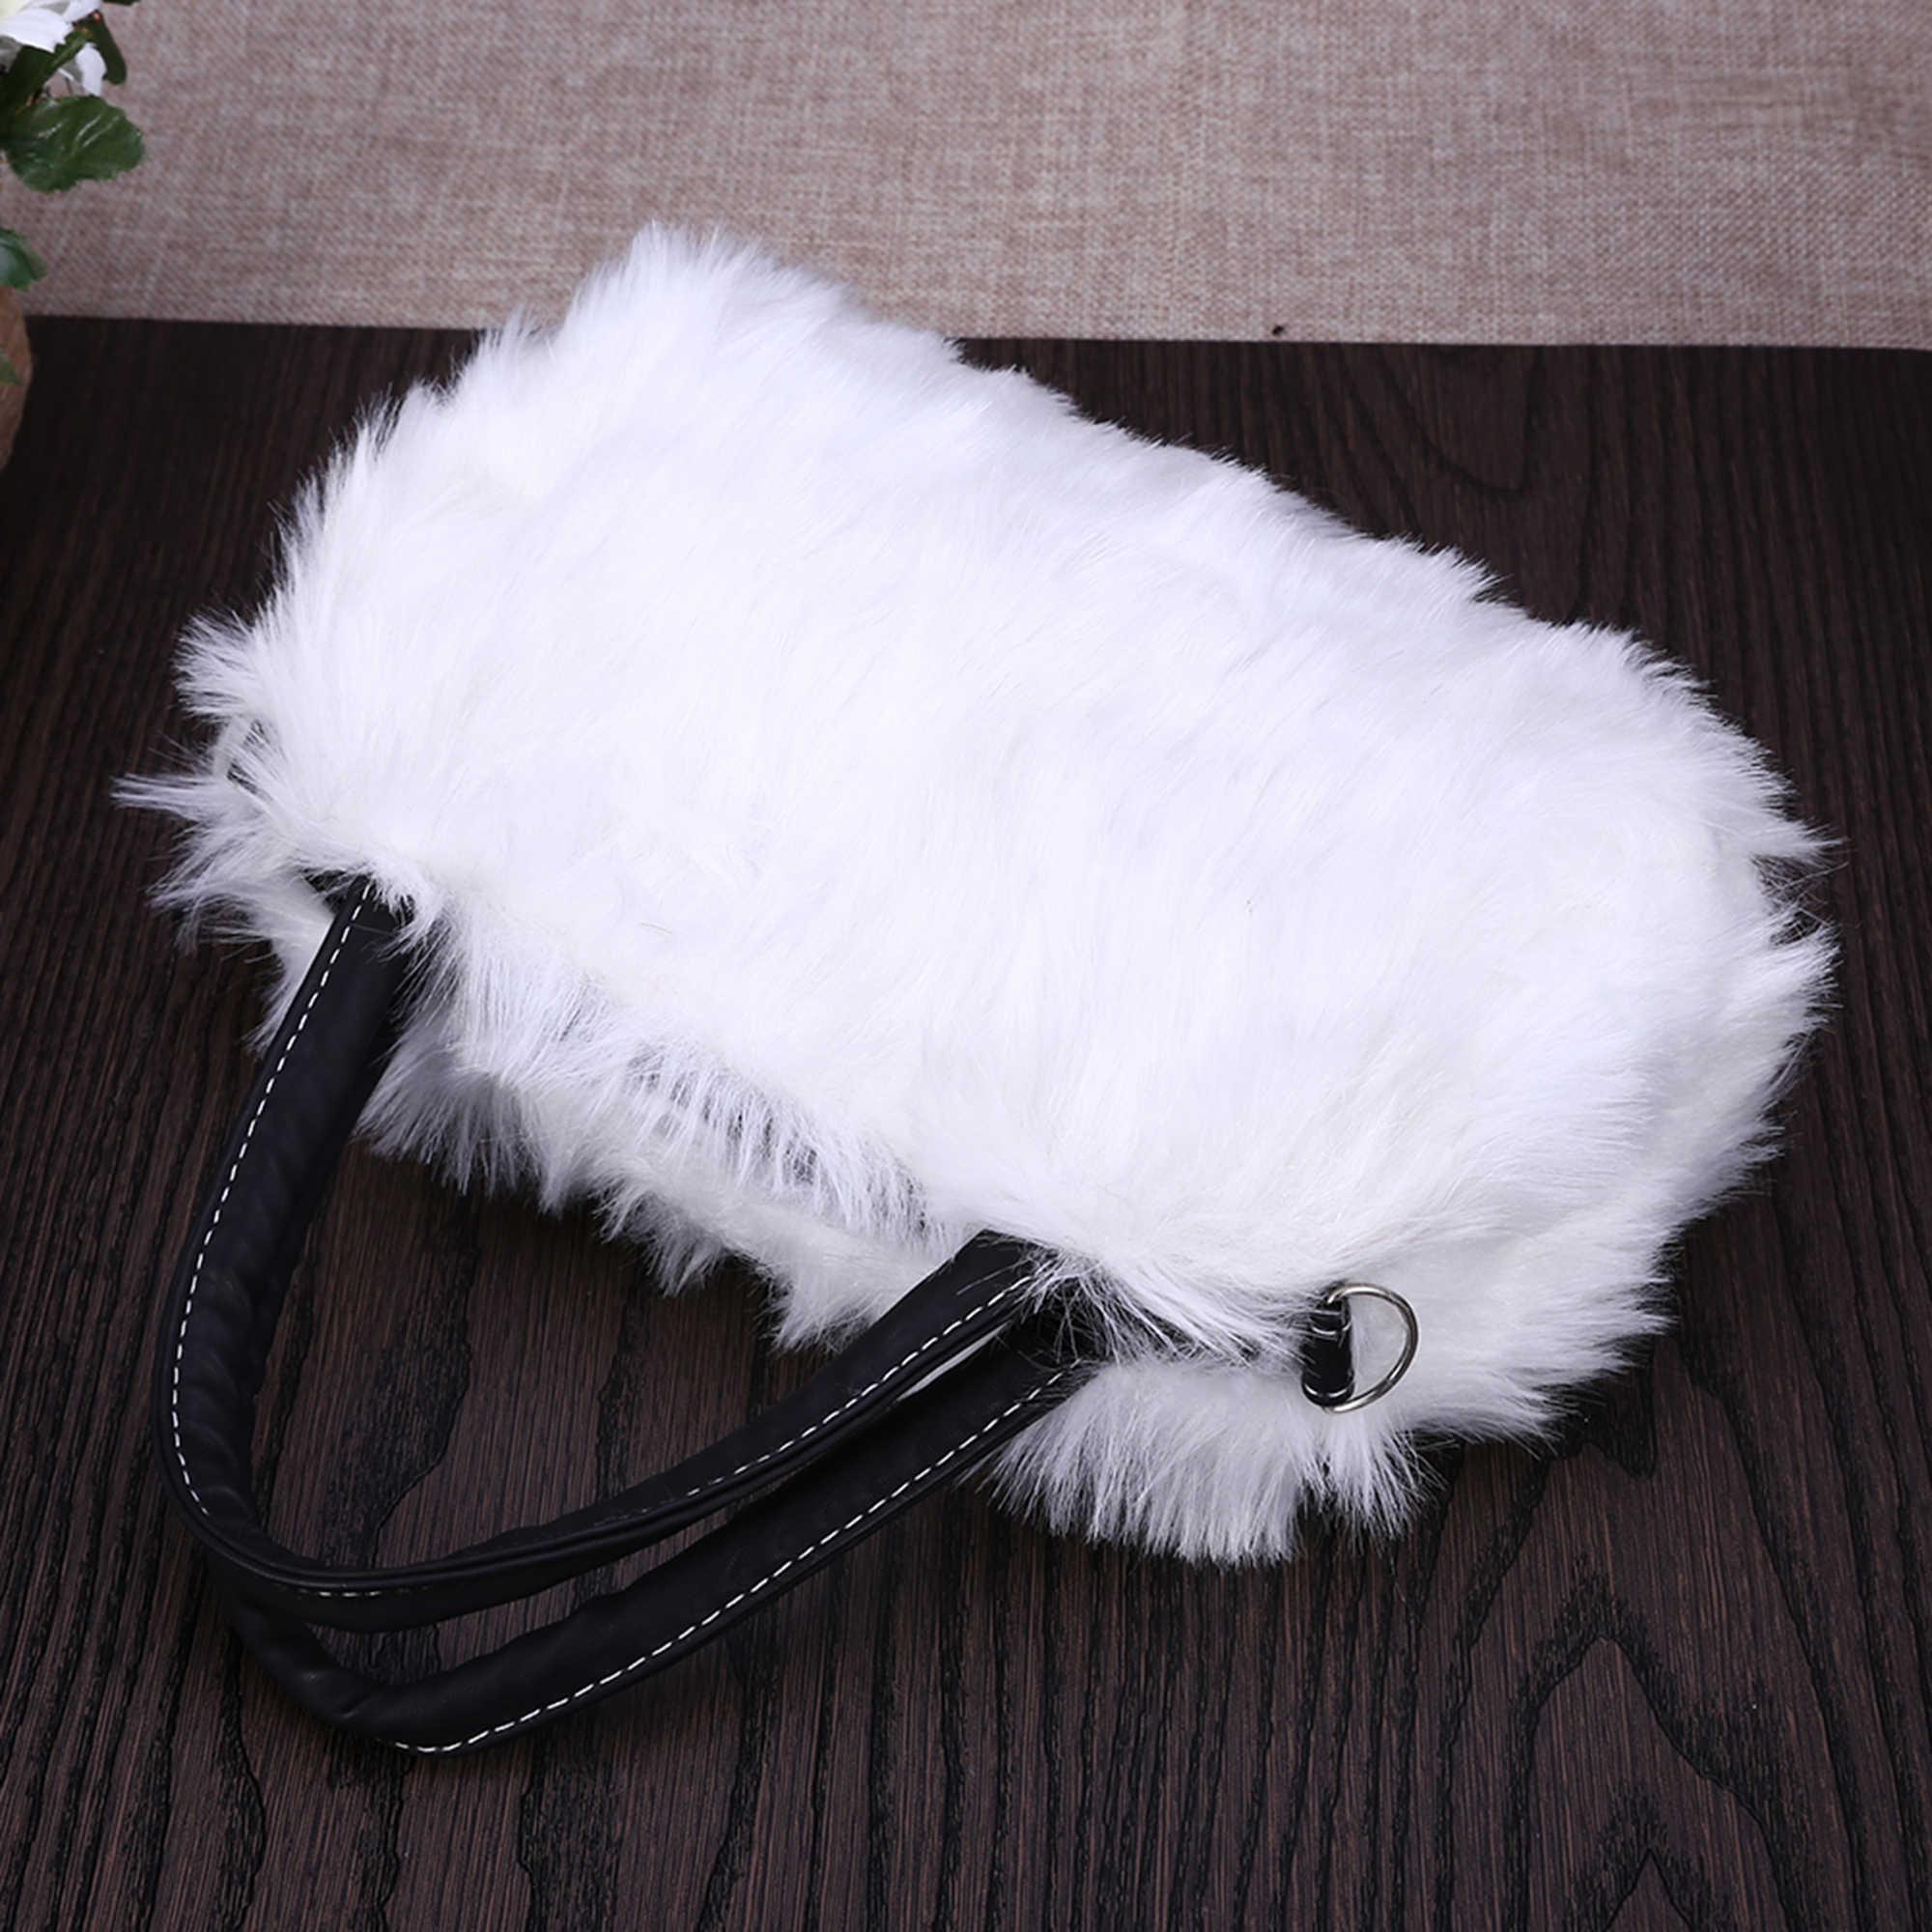 Bolsos de lujo para mujer, bolso de piel de conejo de imitación de diseñador, Mini bolso de mensajero para mujer, Bolso bandolera de Invierno para mujer, bolso colgante